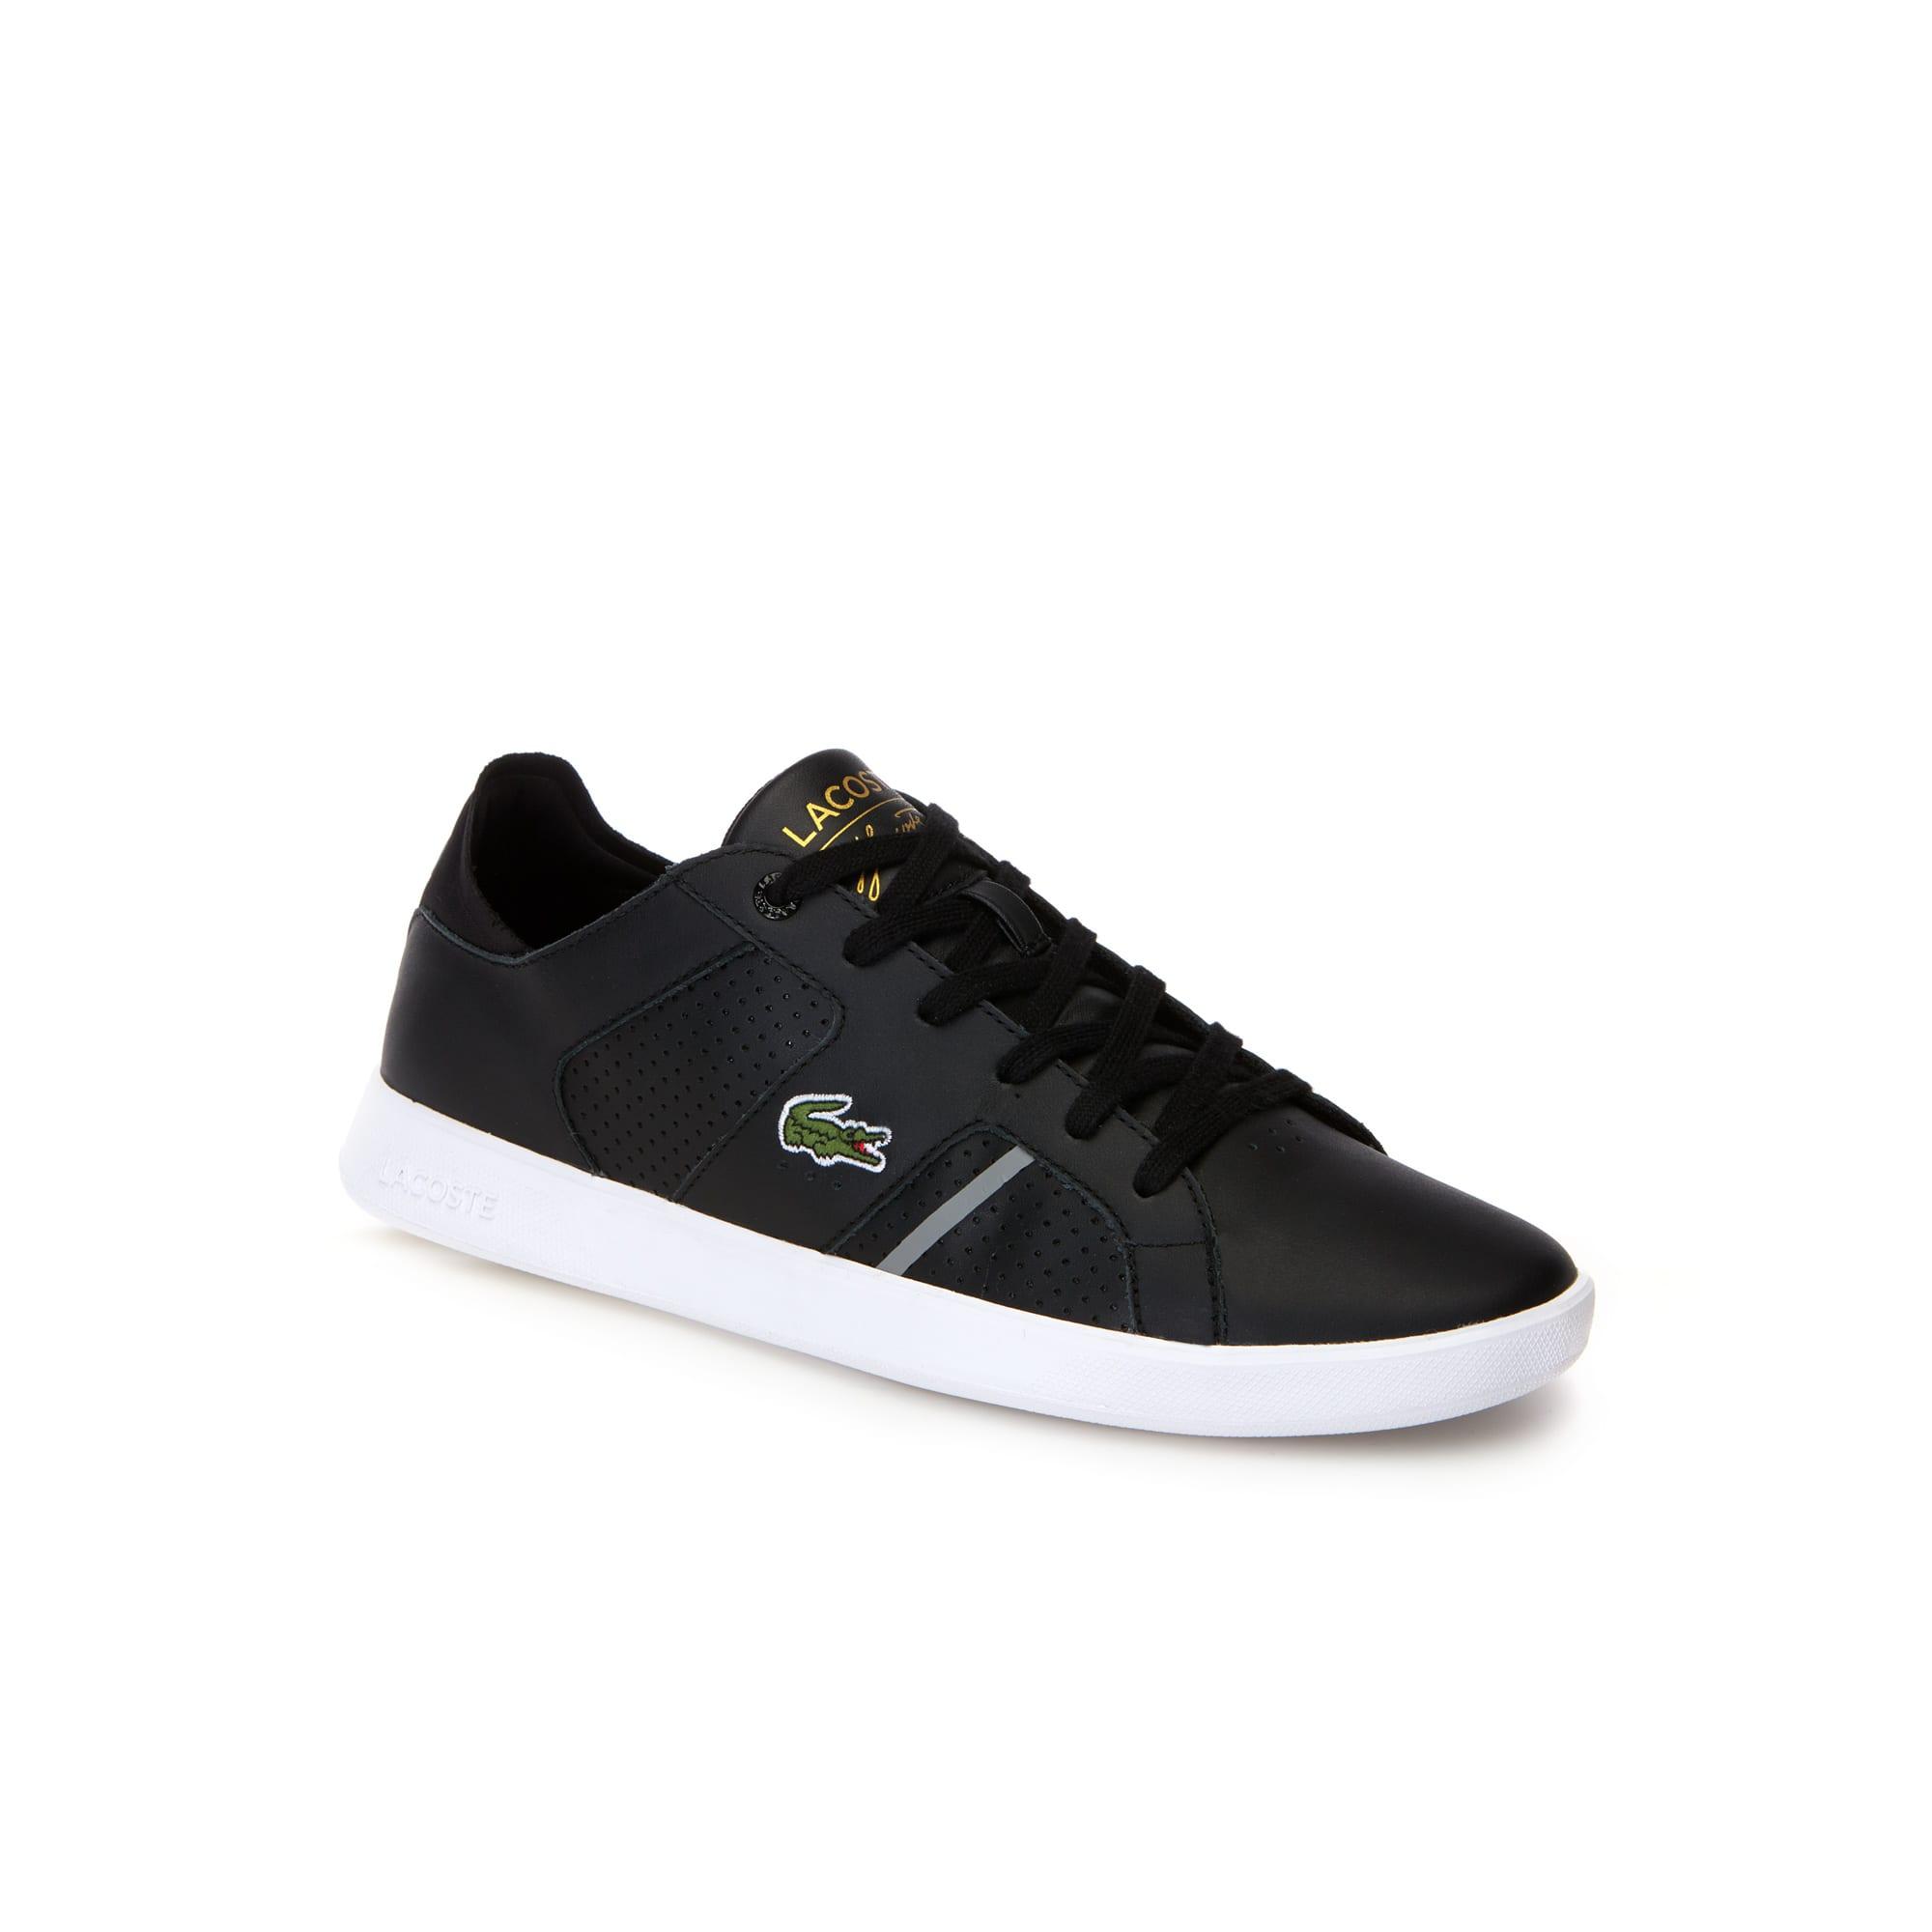 Herren-Sneakers NOVAS CT aus Leder und Textil